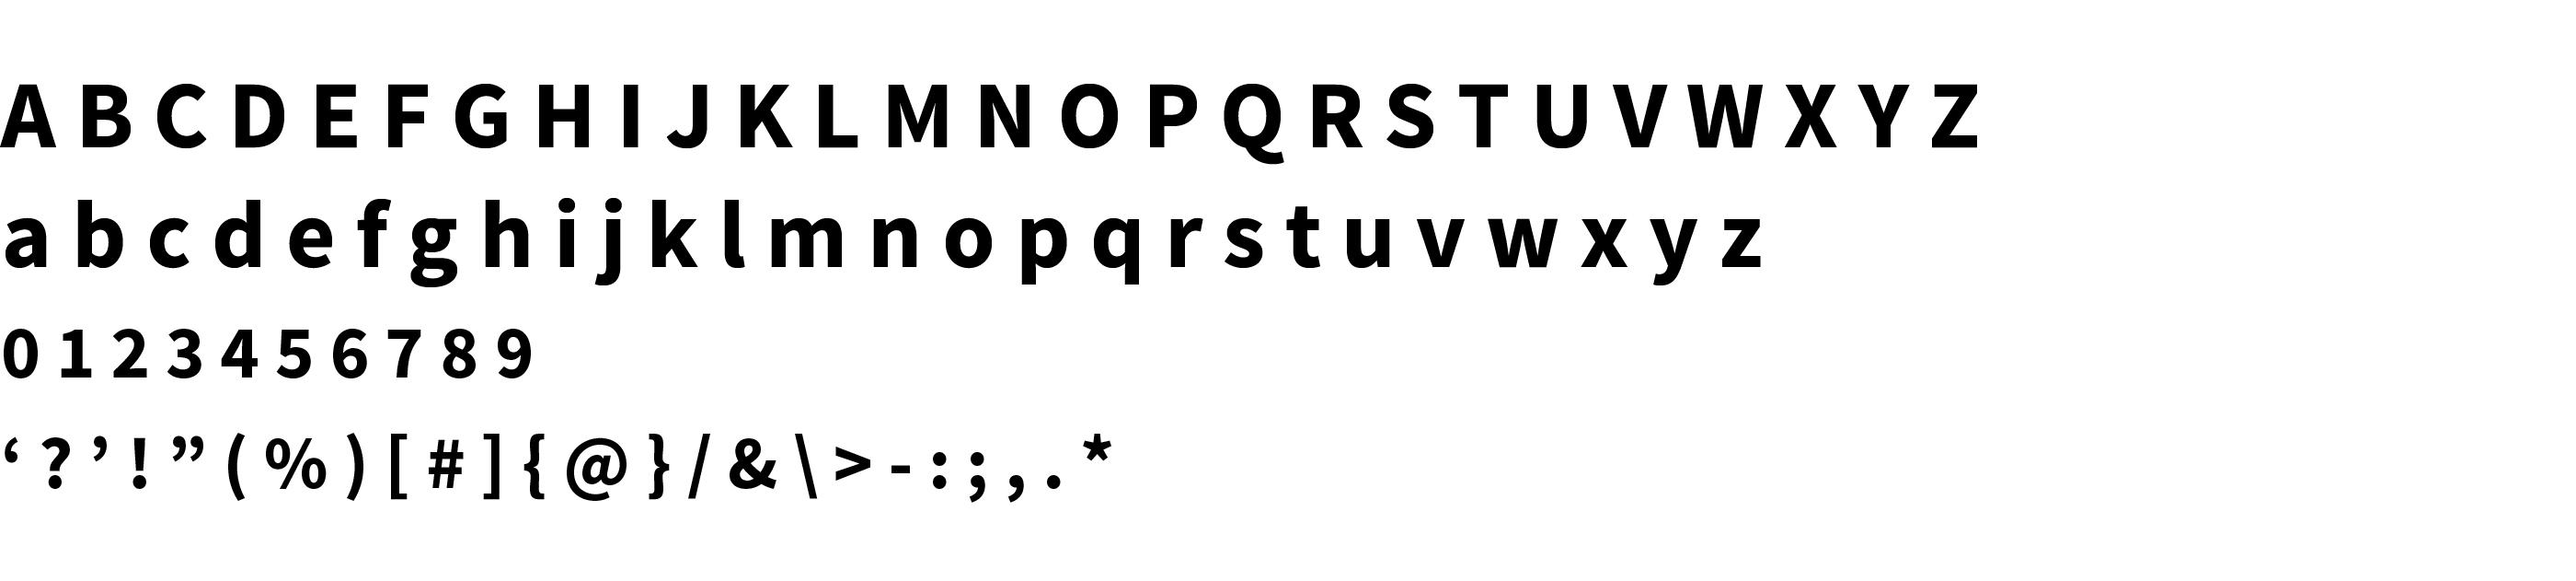 Type Specimen Source Sans Pro Bold